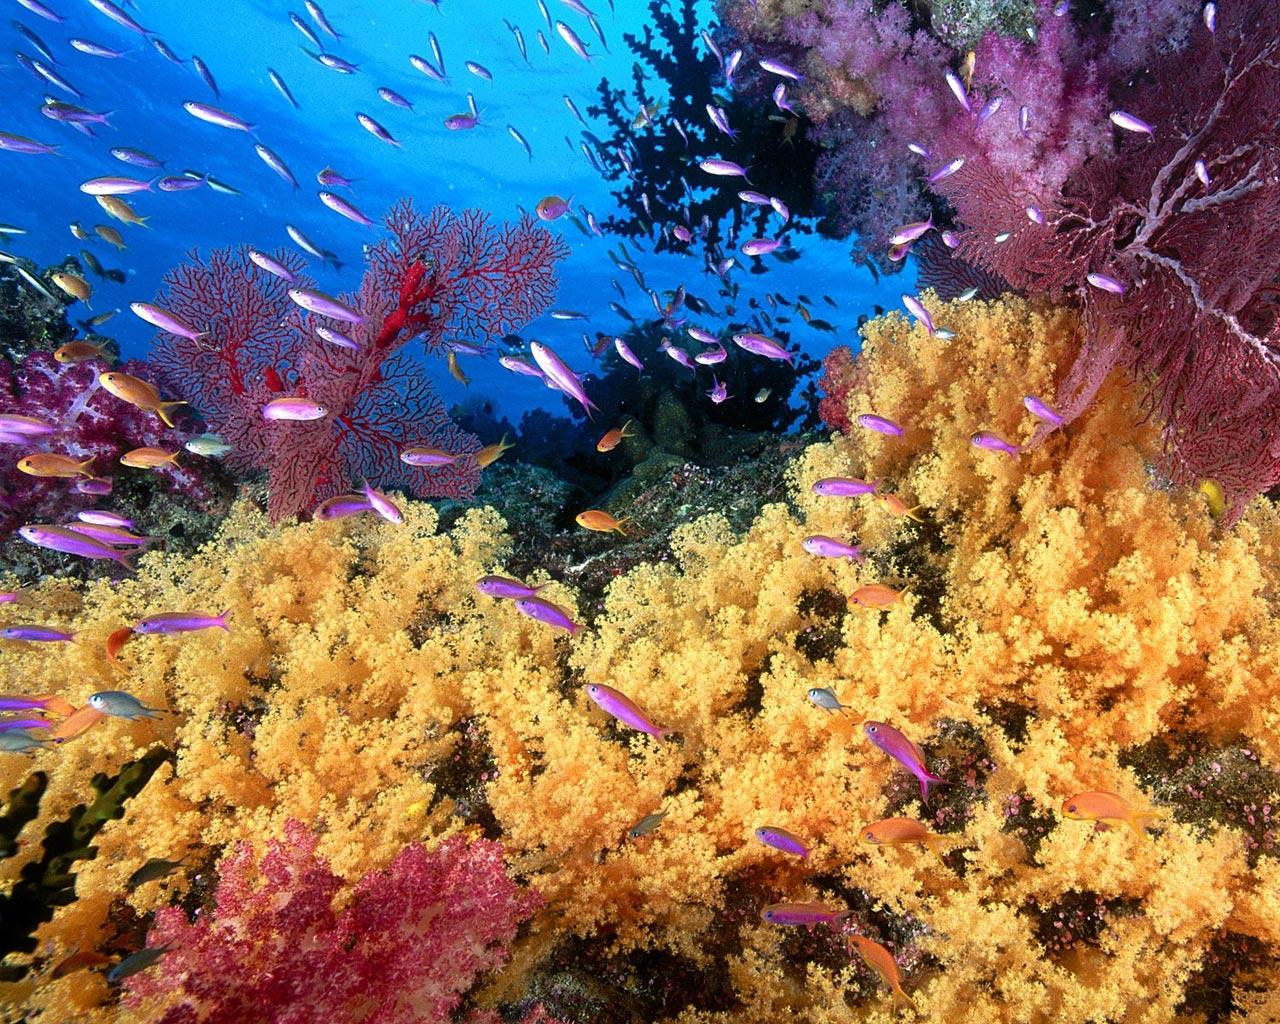 http://4.bp.blogspot.com/_1v9-uzlqkzY/S6_xi1iDdhI/AAAAAAAAQm0/sfKdex9OqTo/s1600/corales%2Bfondos-marinos-corales-1280.jpg